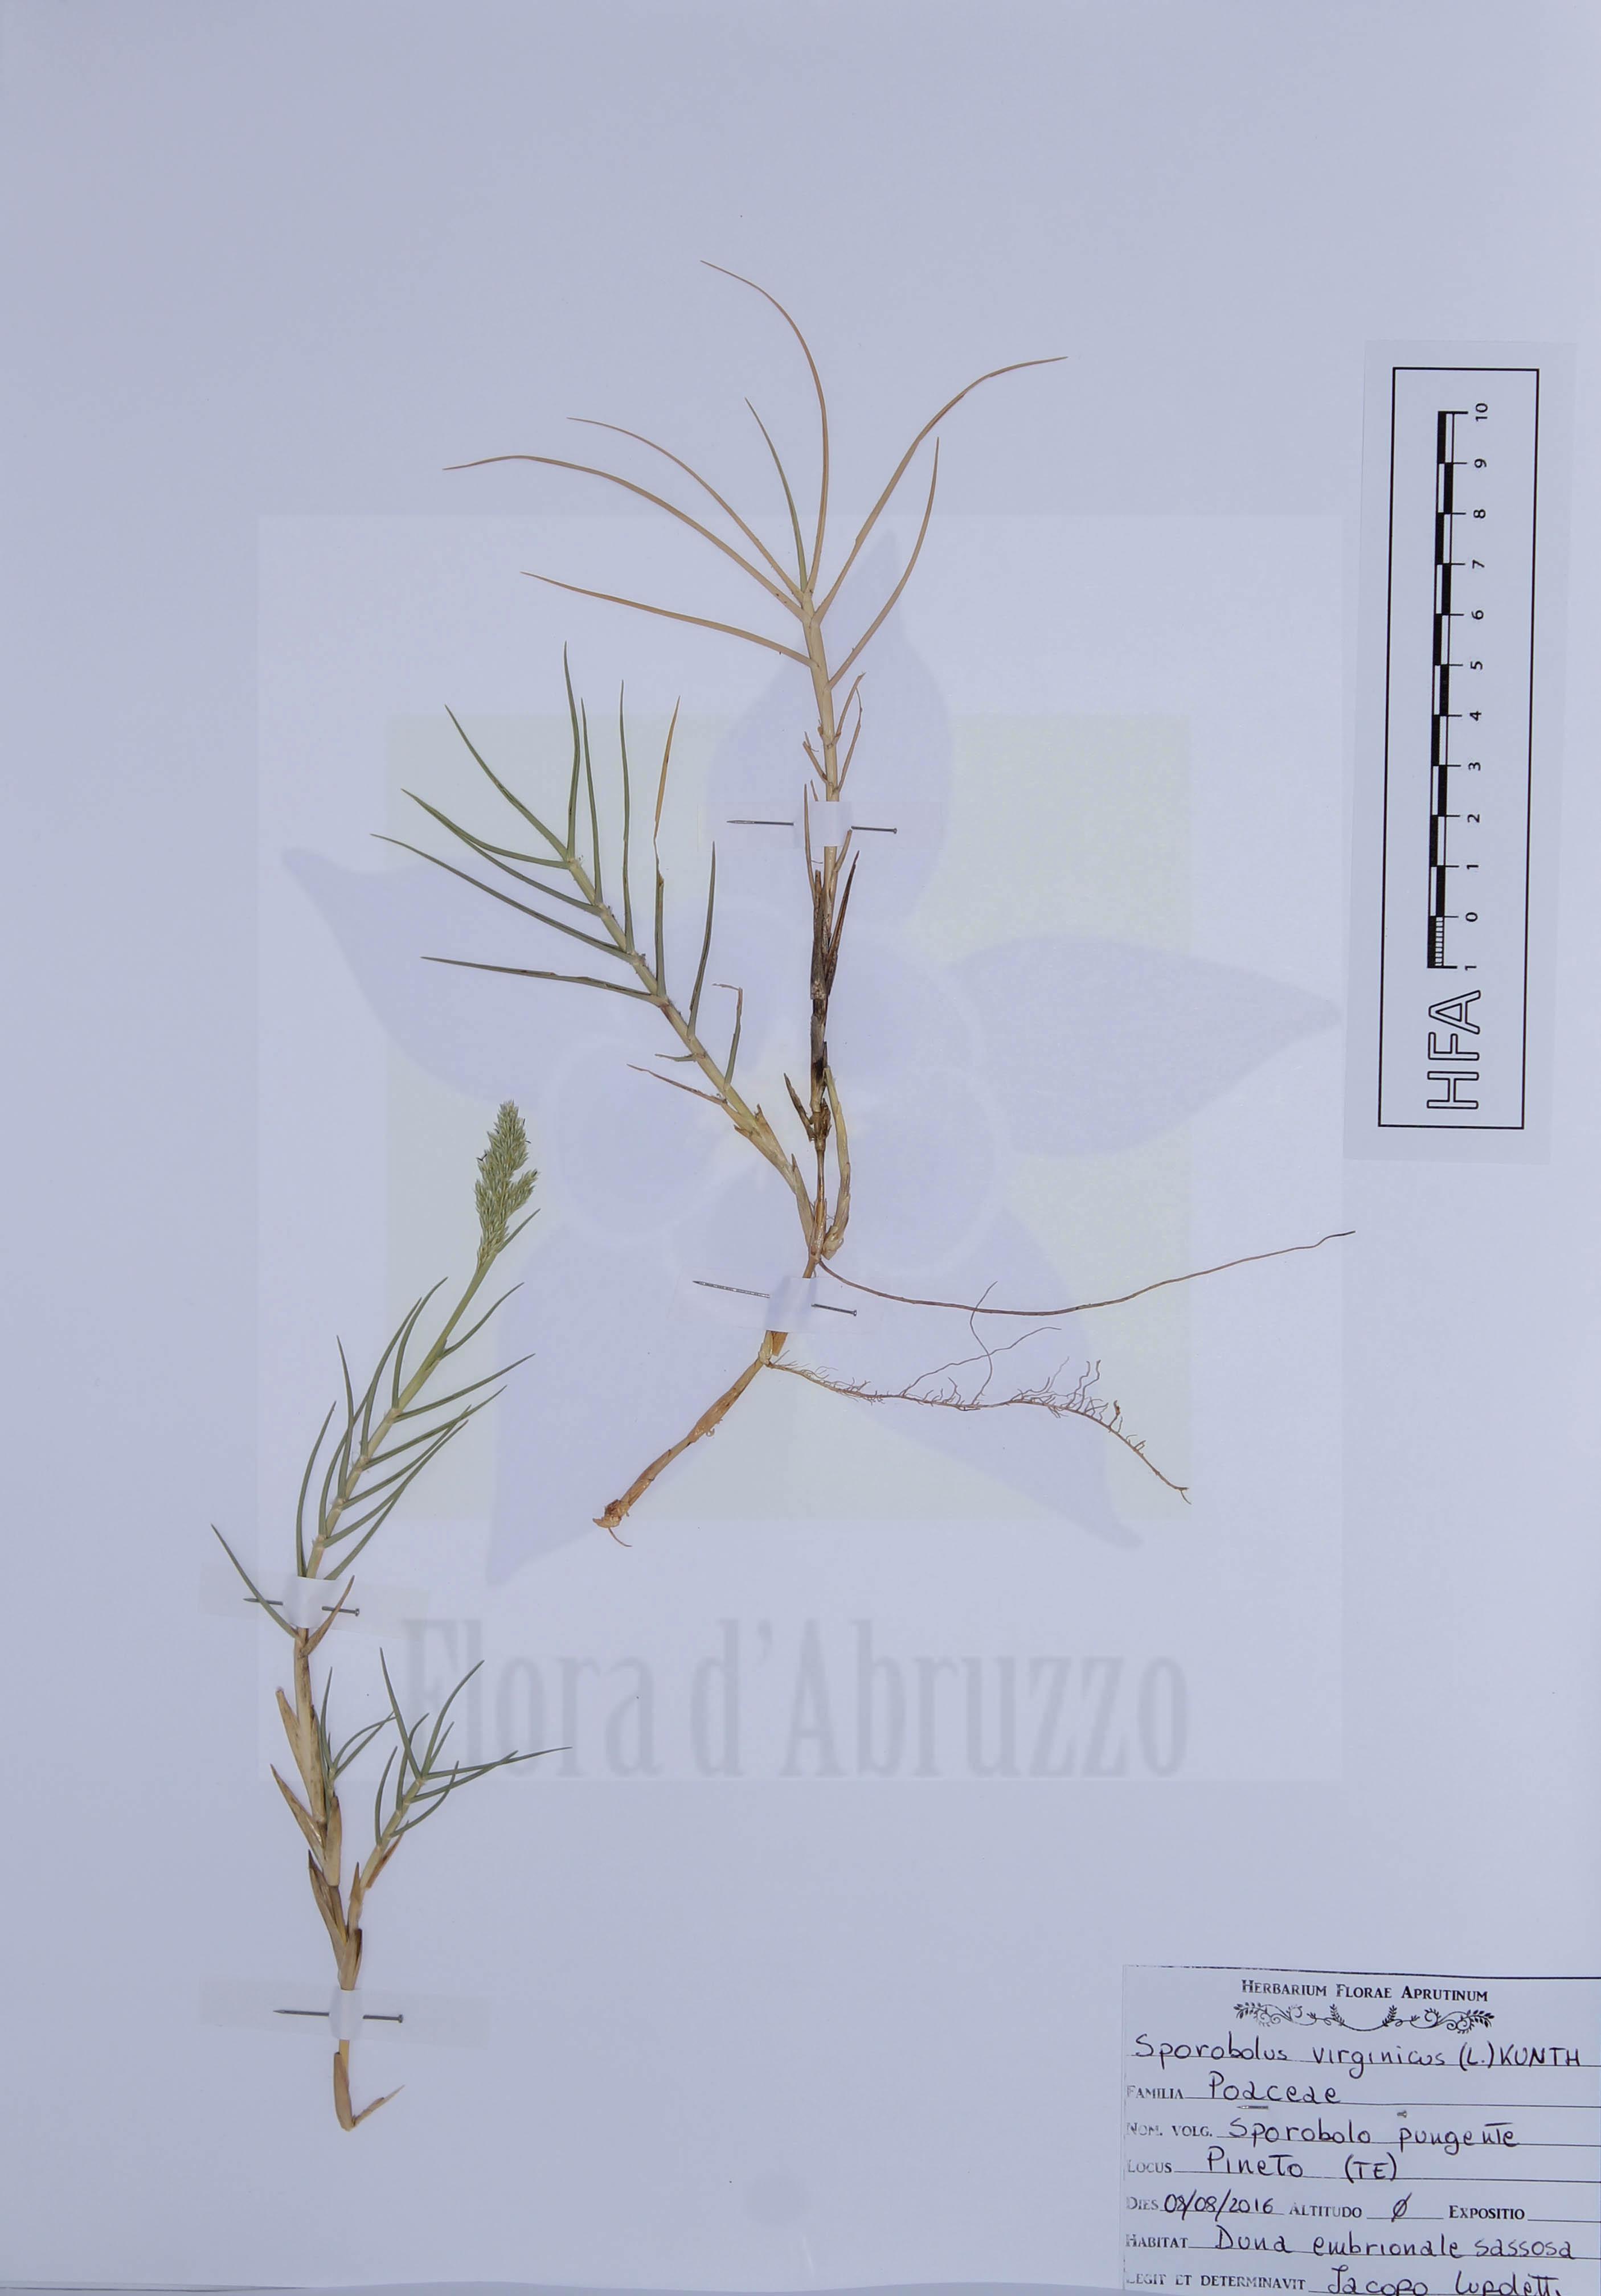 Sporobolus virginicus (L.) Kunth